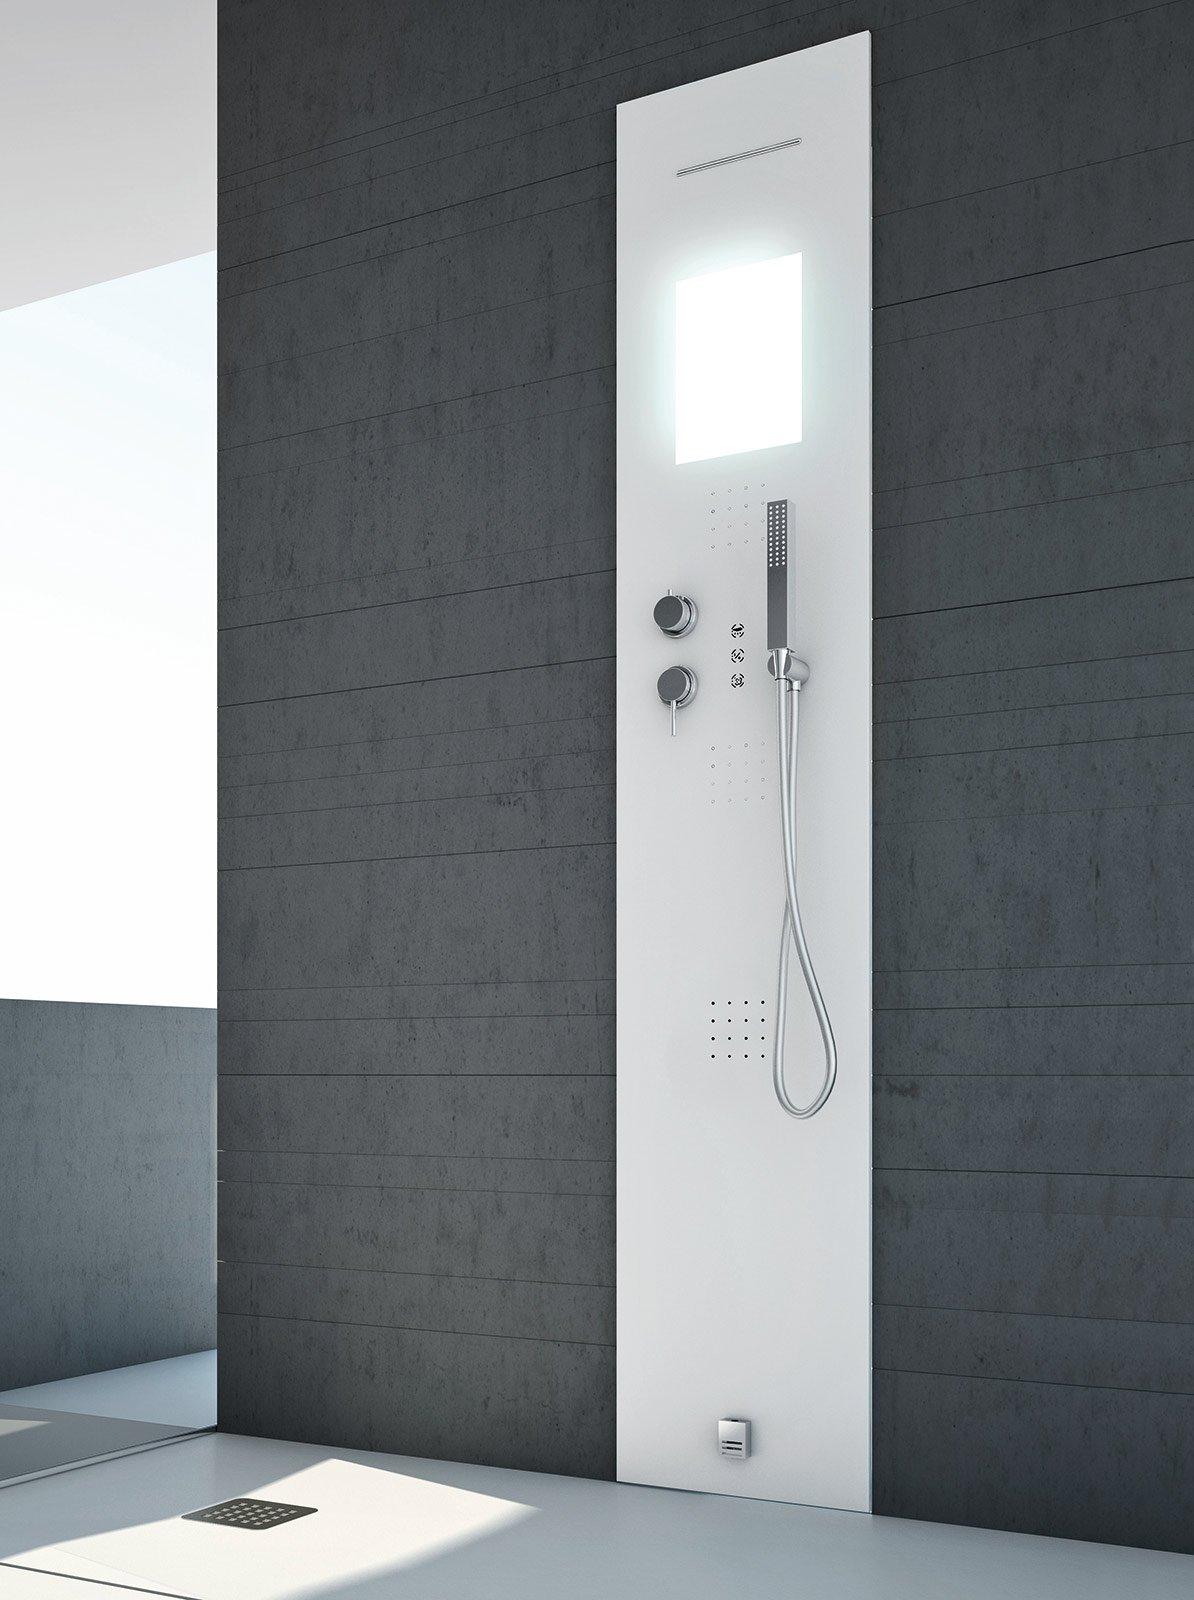 Rubinetteria: soffioni per la doccia - Cose di Casa